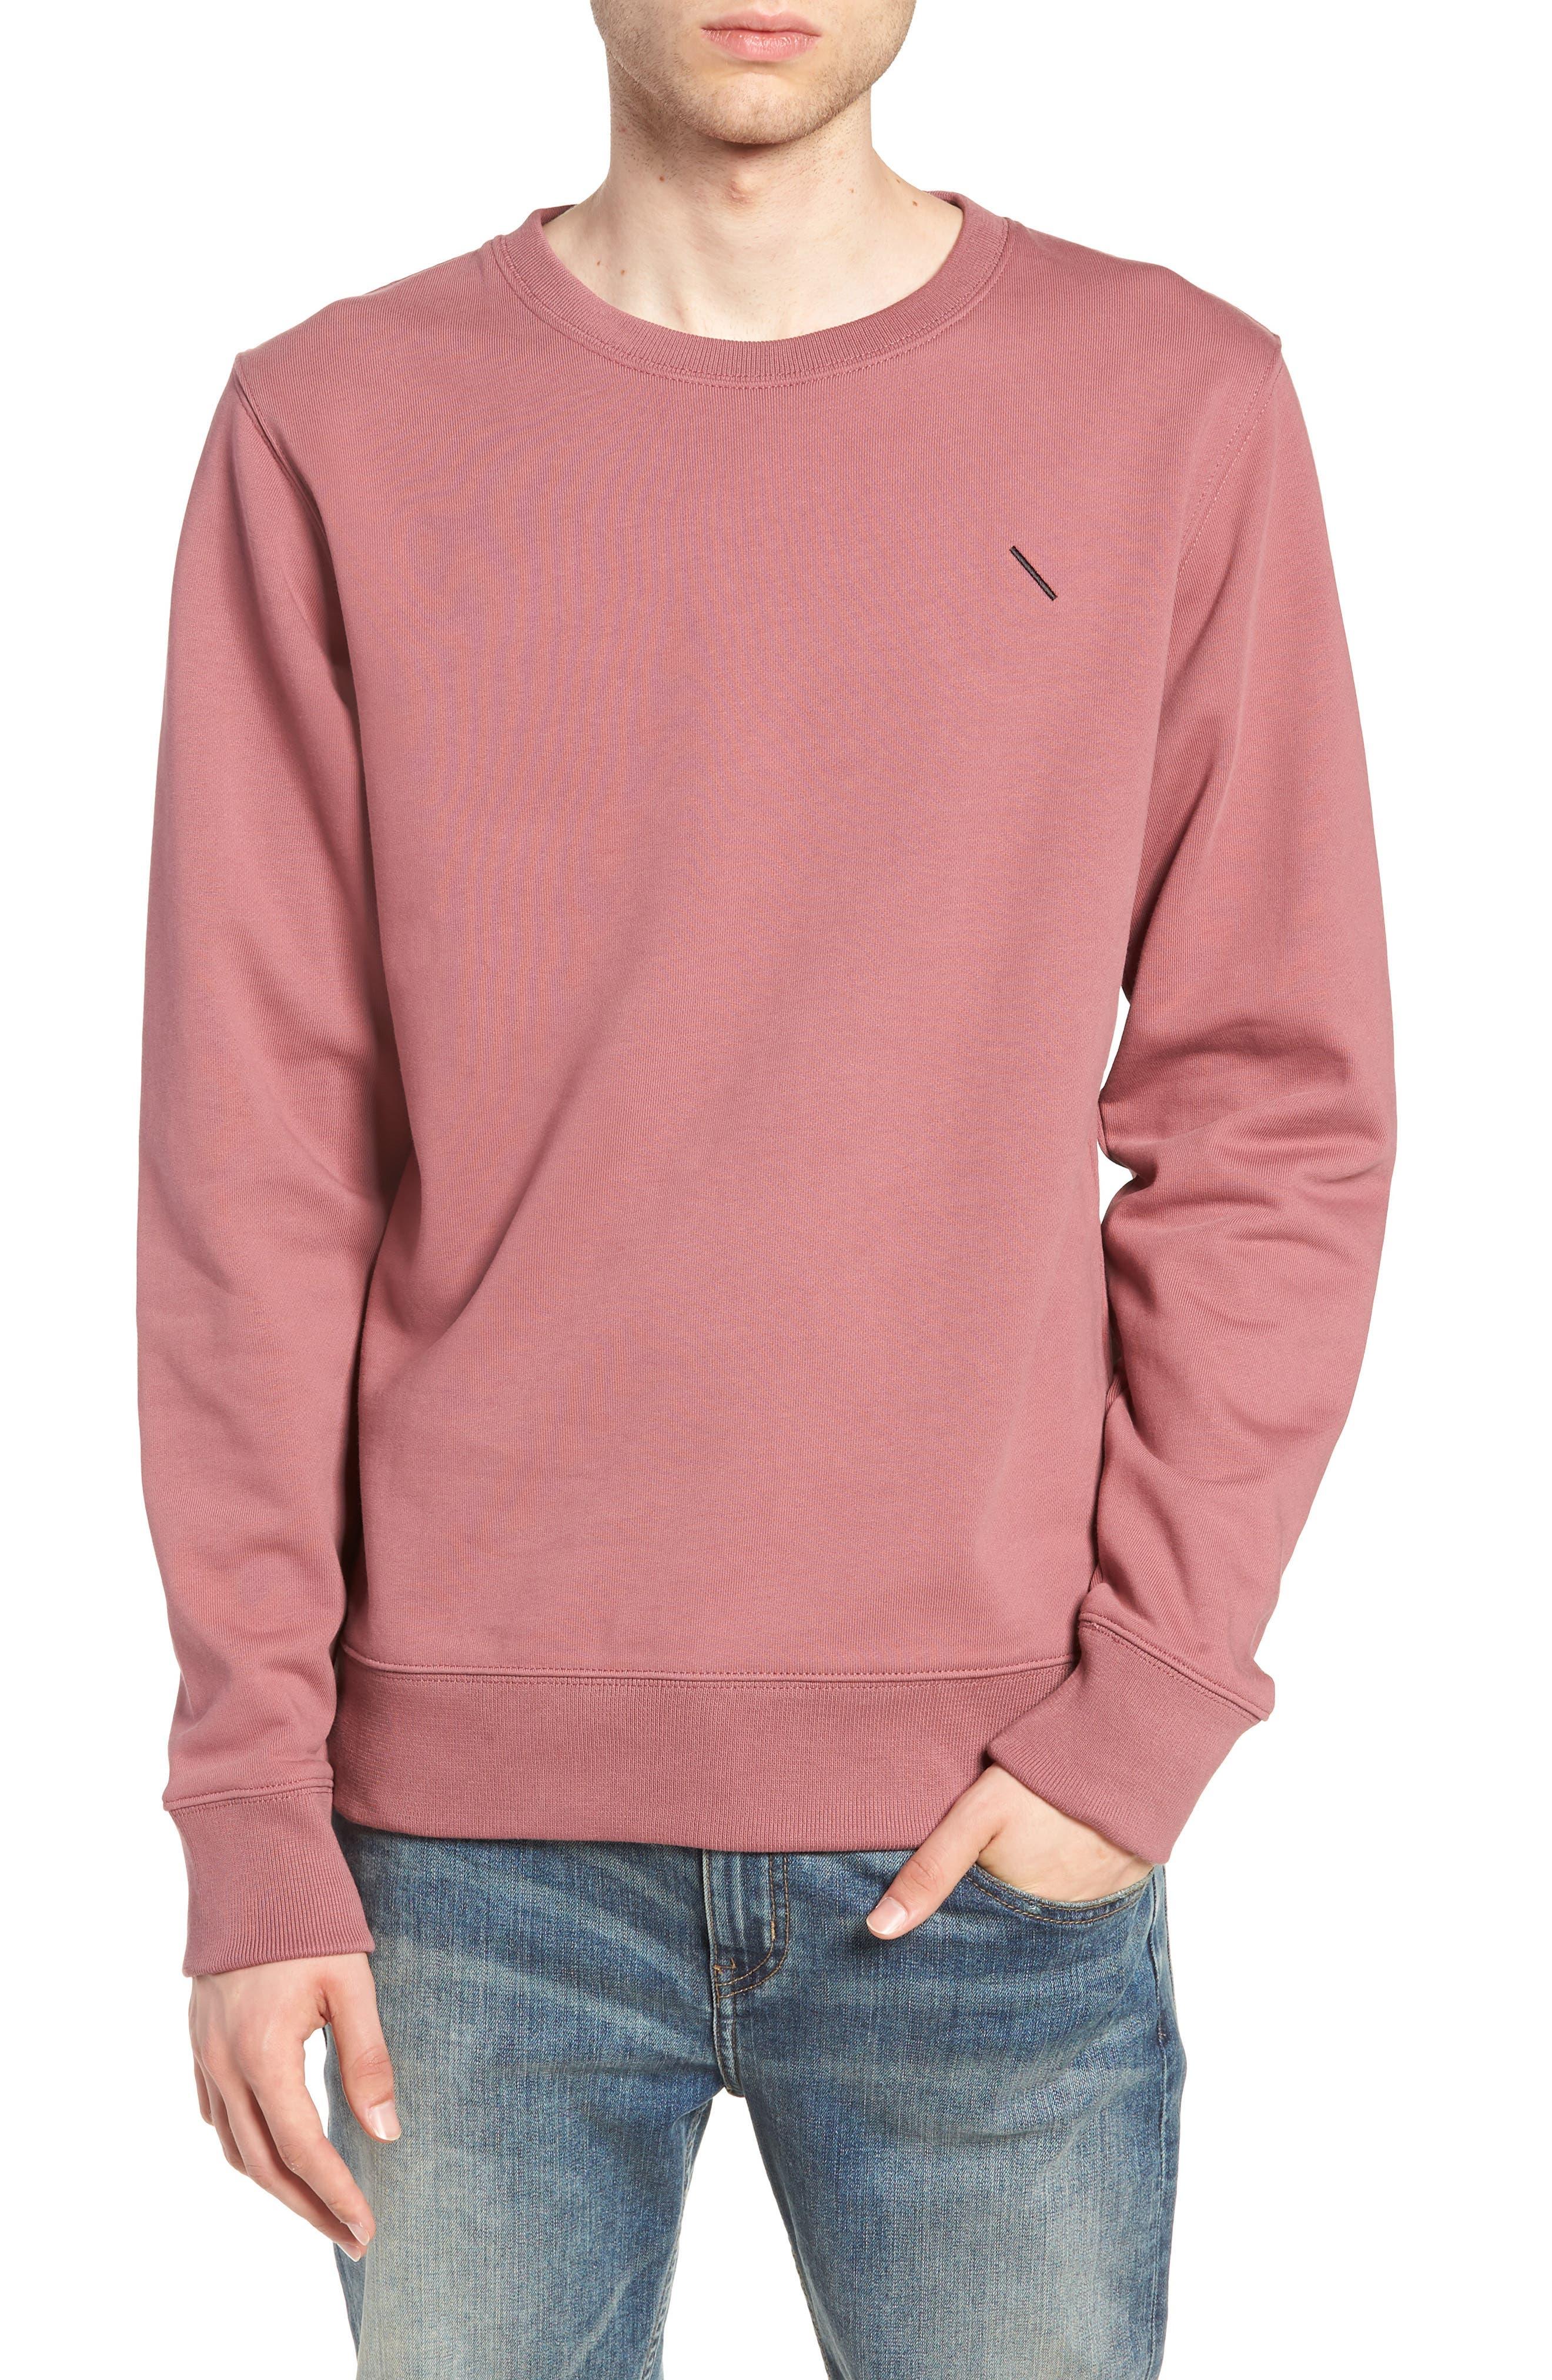 Bowery Sweatshirt,                             Main thumbnail 1, color,                             650